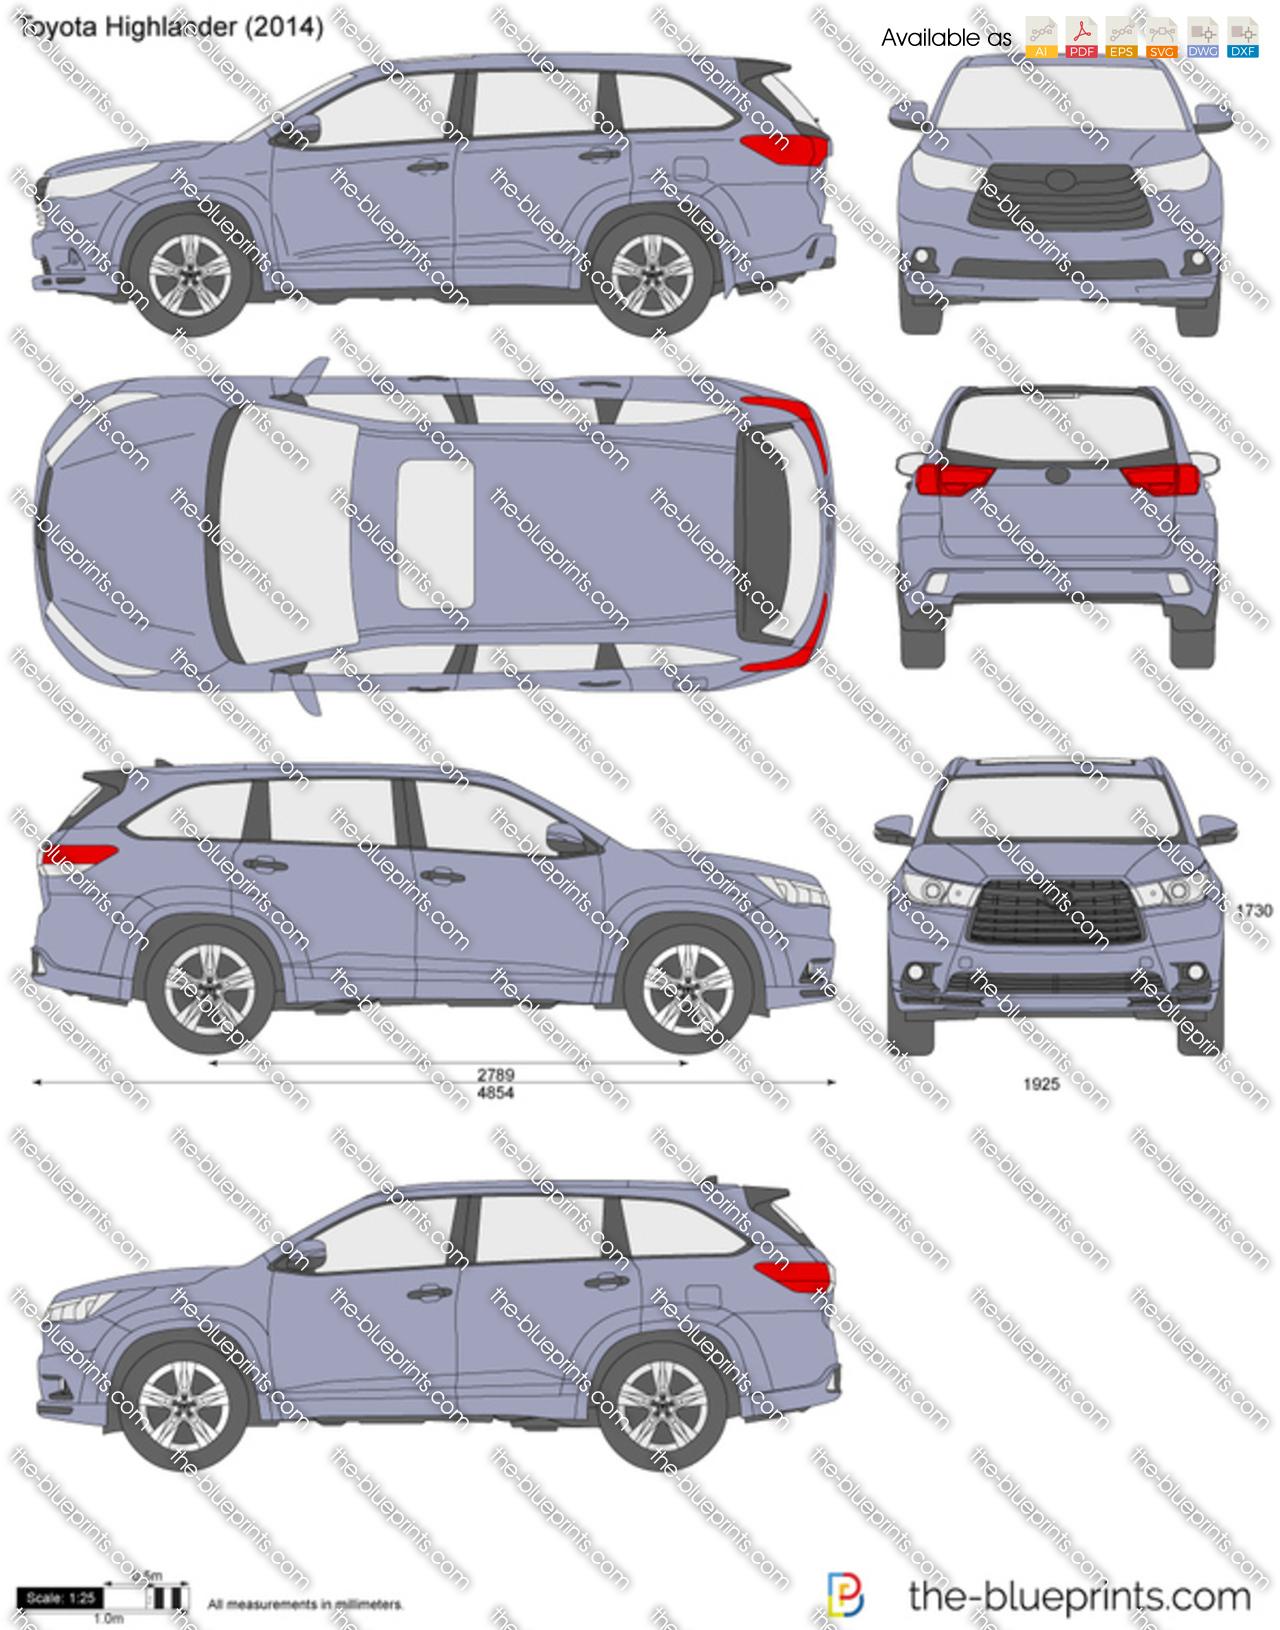 2013 Toyota Highlander For Sale >> The-Blueprints.com - Vector Drawing - Toyota Highlander